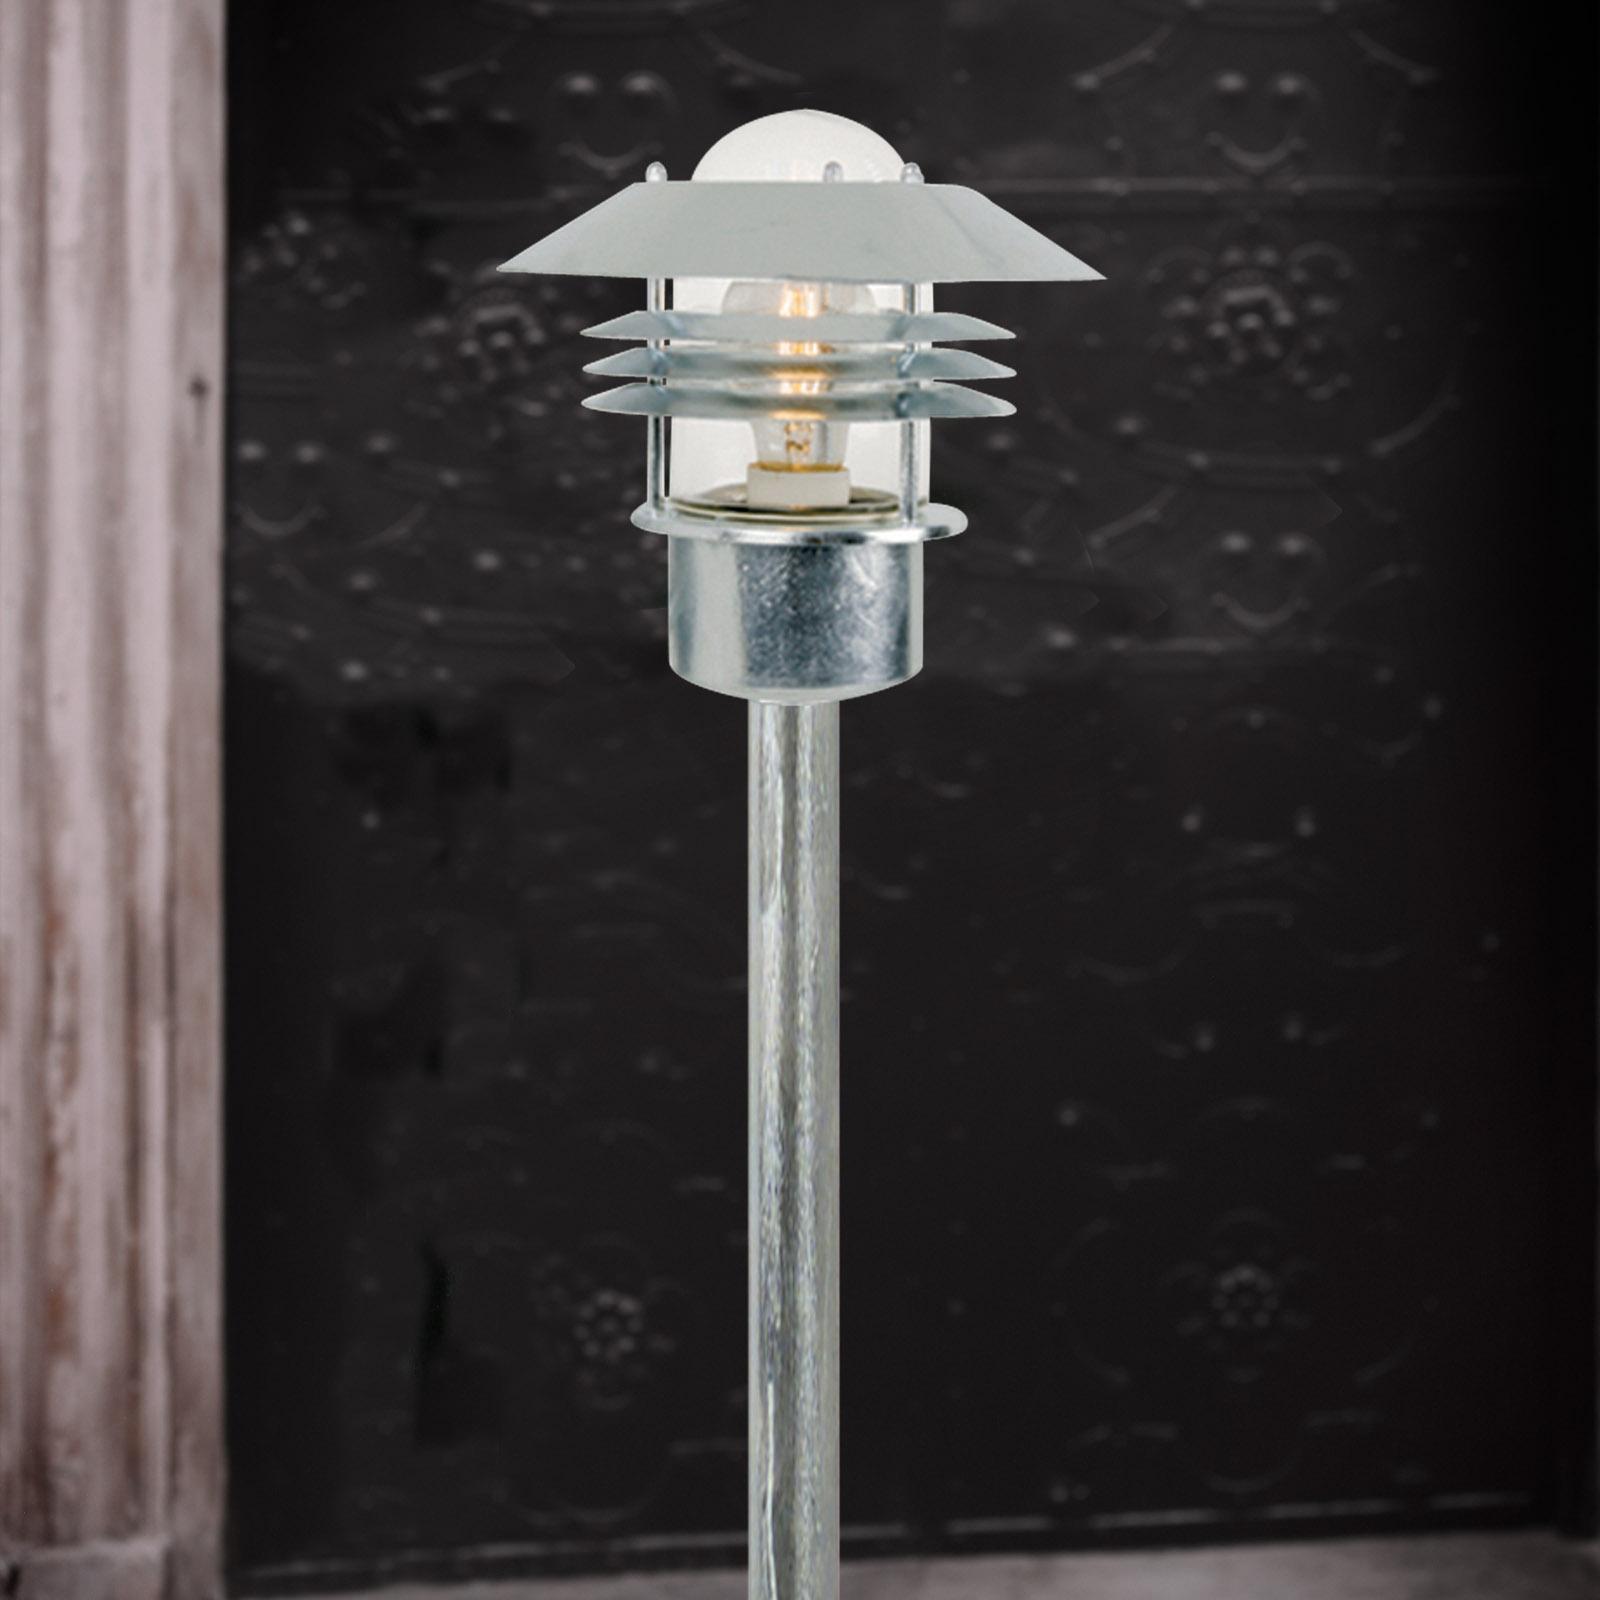 lampada da terra Vejers, acciaio zincato a fuoco